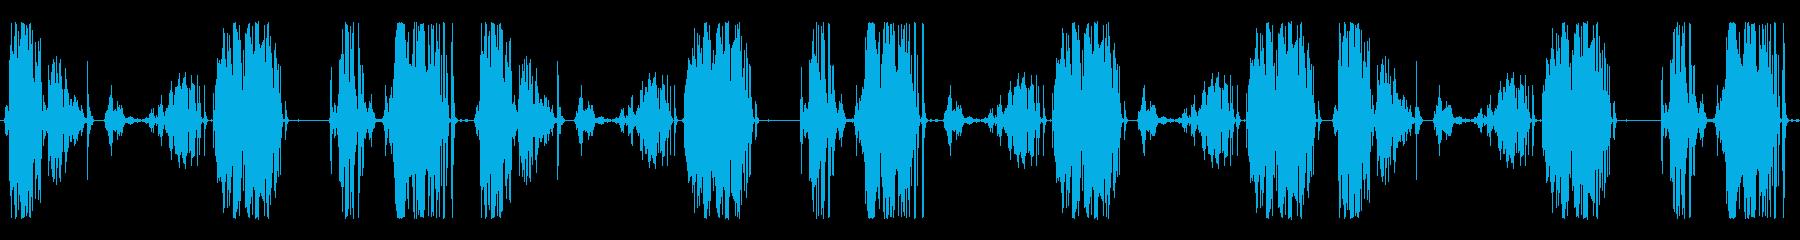 さびた古いティボリホイール、ワーク...の再生済みの波形